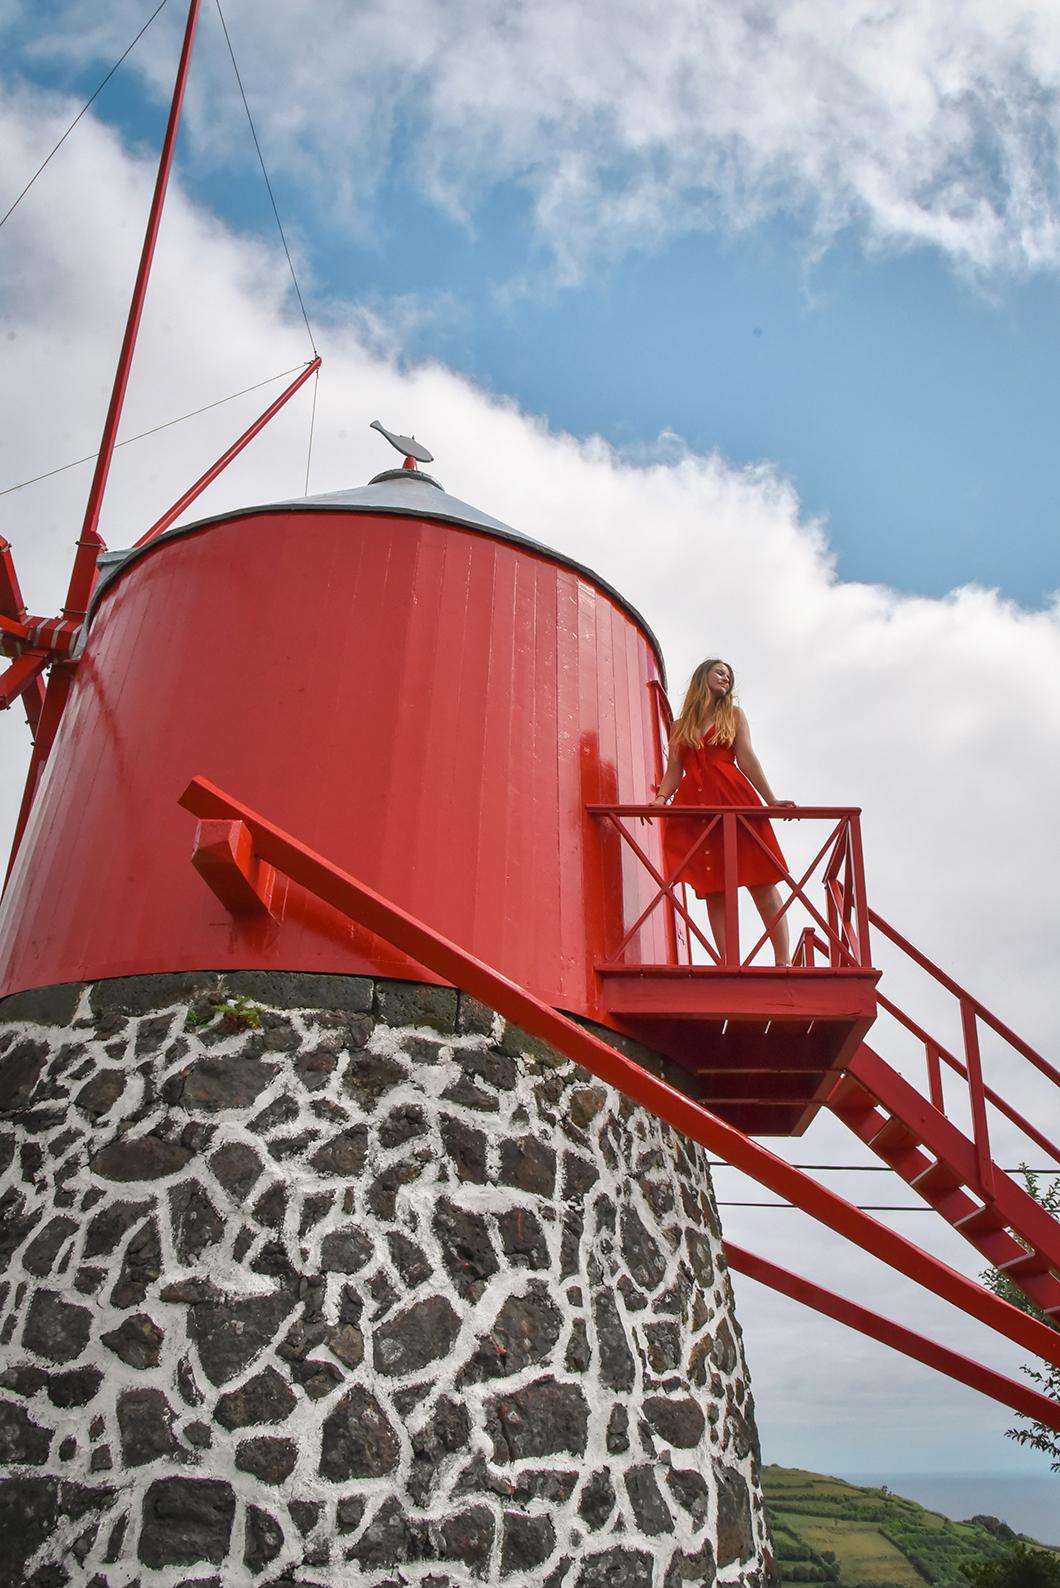 Visiter les moulins de Faial, Moinho giratório de madeira na Conceição